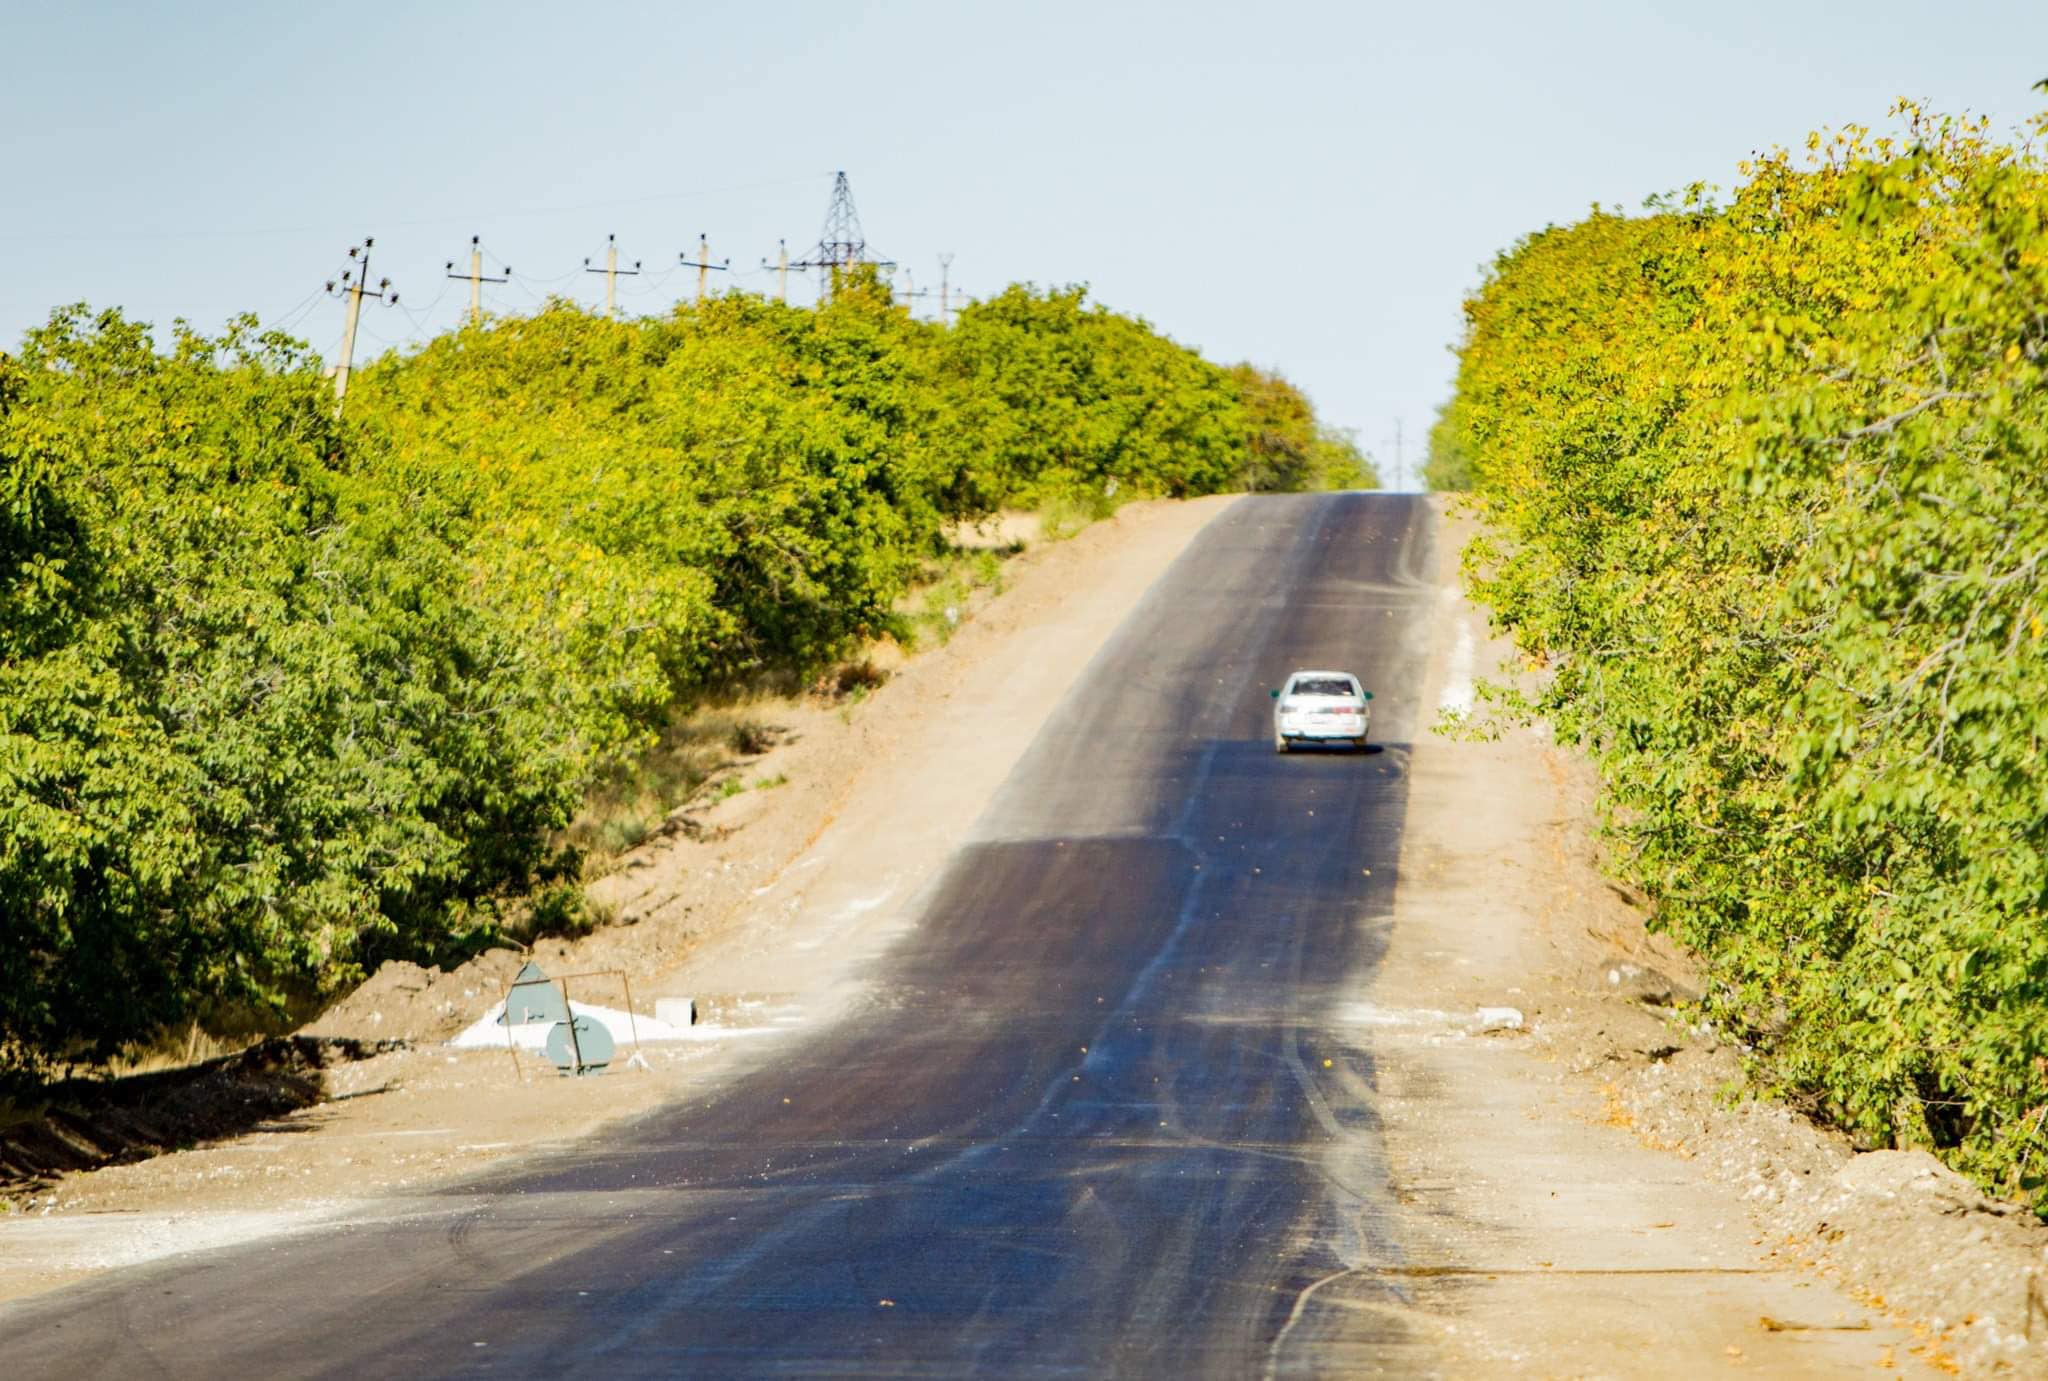 Додон: Без качественных дорог нам не удастся добиться развития экономики (ФОТО, ВИДЕО)